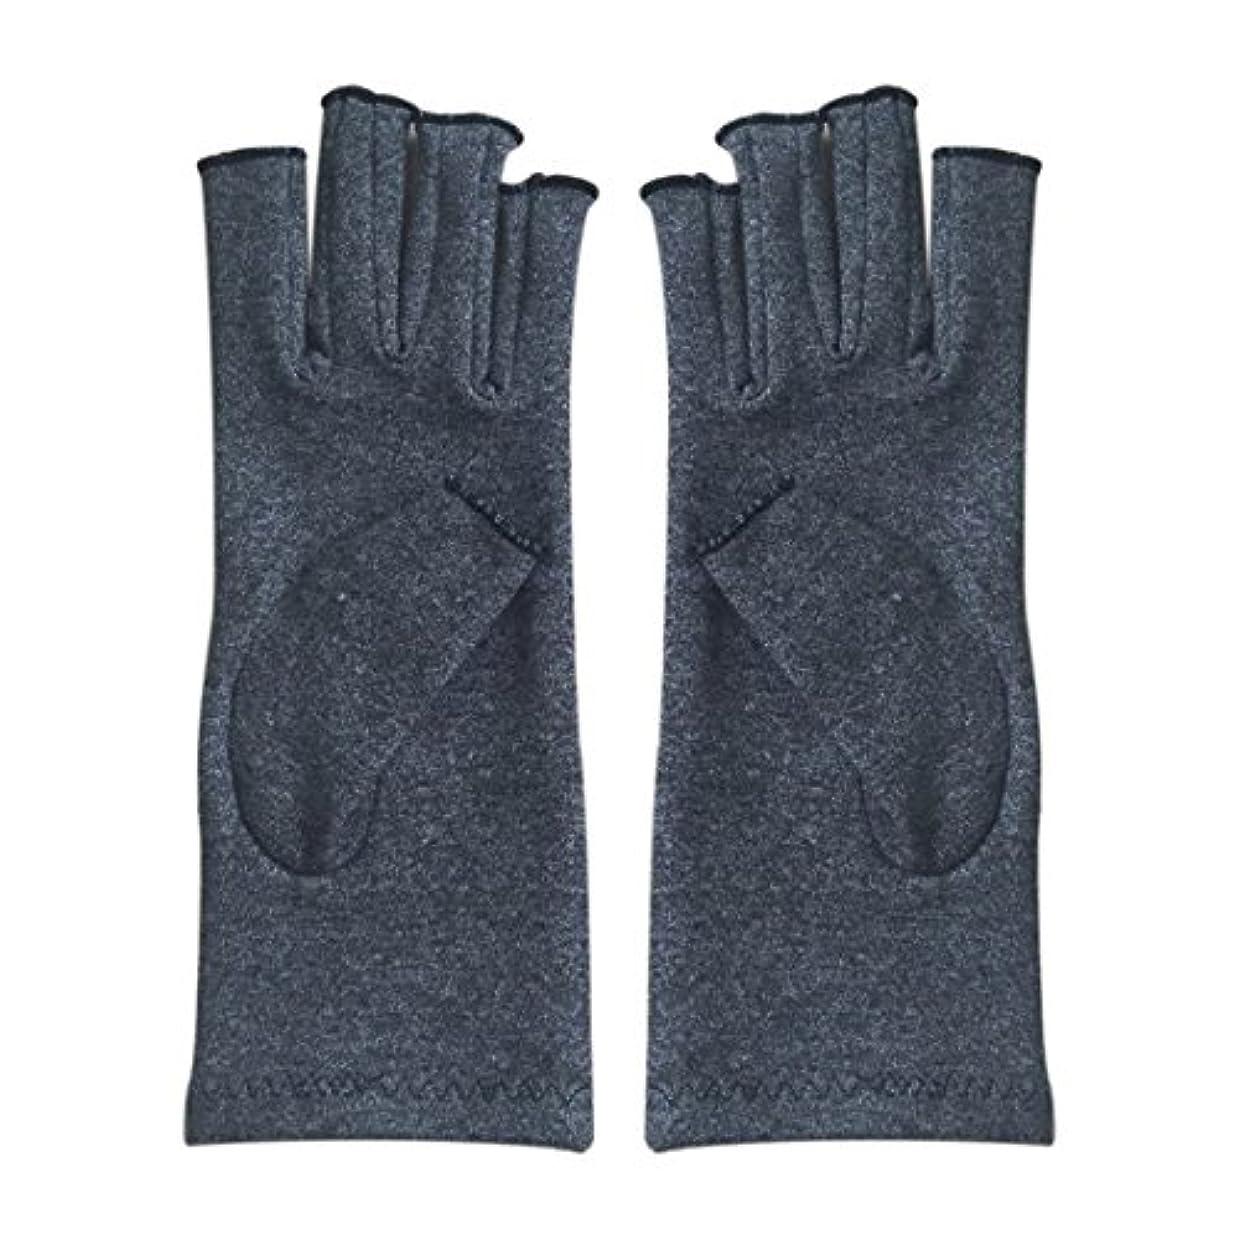 ましいじゃがいもマキシムACAMPTAR 1ペア成人男性女性用弾性コットンコンプレッション手袋手関節炎関節痛鎮痛軽減M - 灰色、M